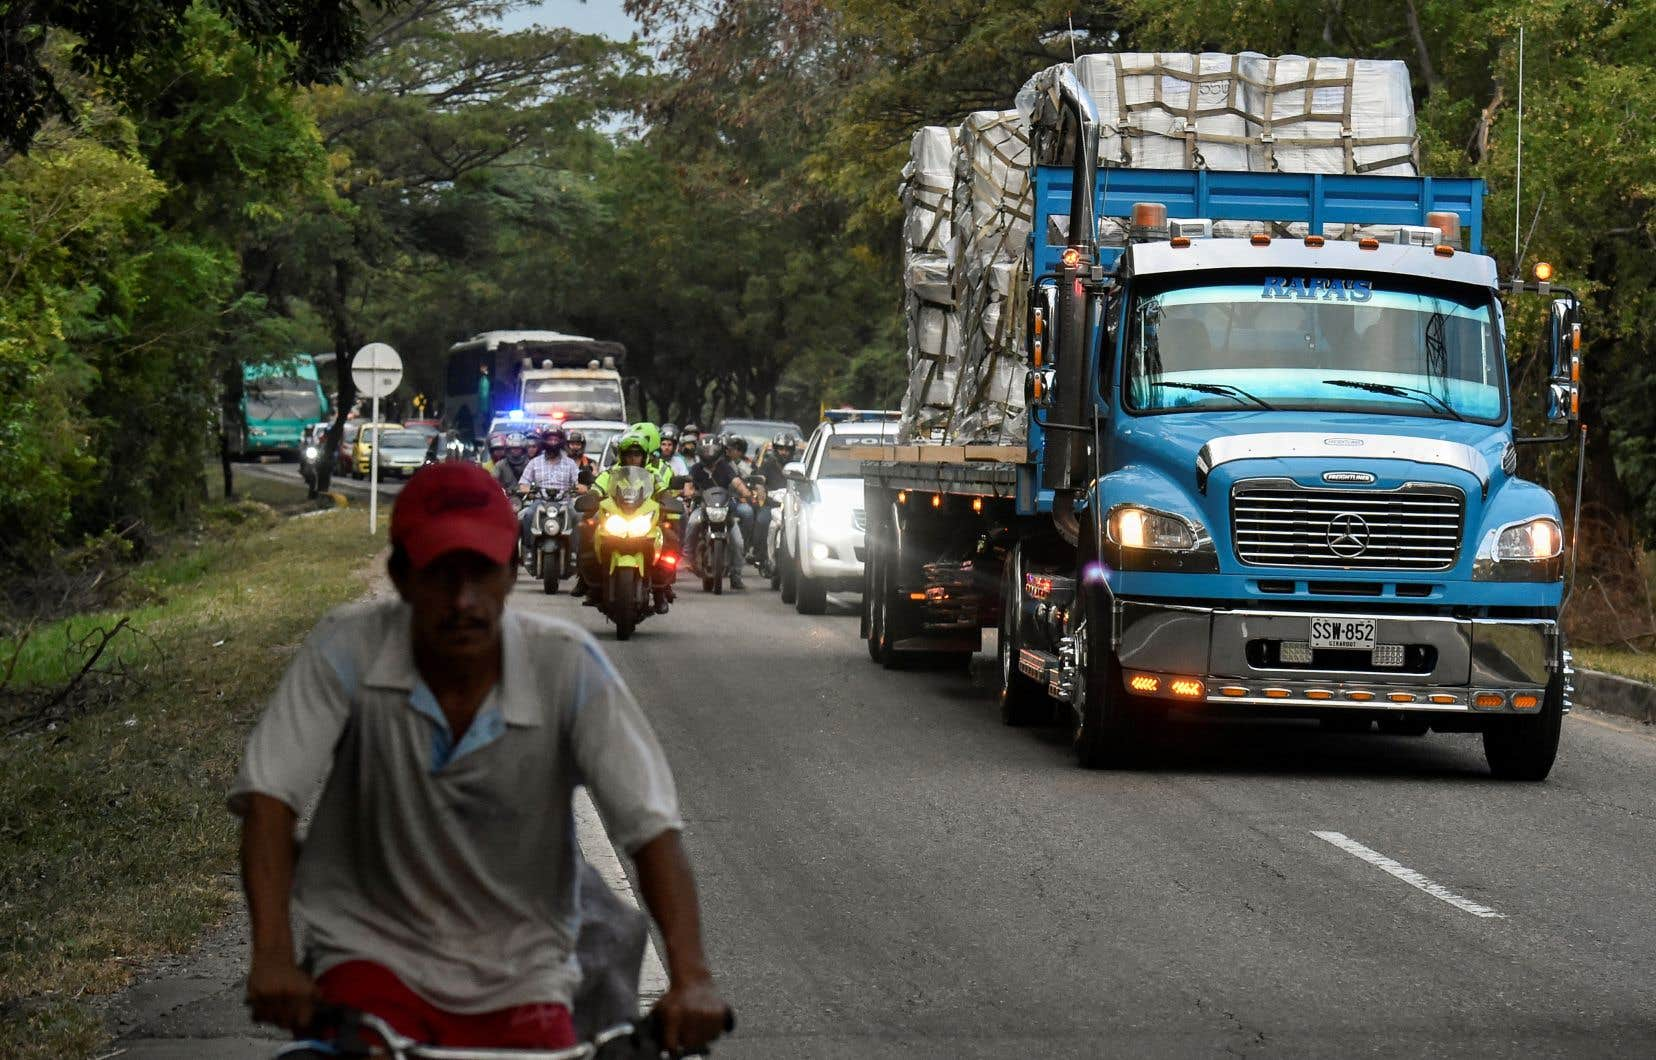 Plusieurs dizaines de tonnes d'aide humanitaire des États-Unis, destinée au Venezuela, sont arrivées samedi du côté colombien de la frontière.